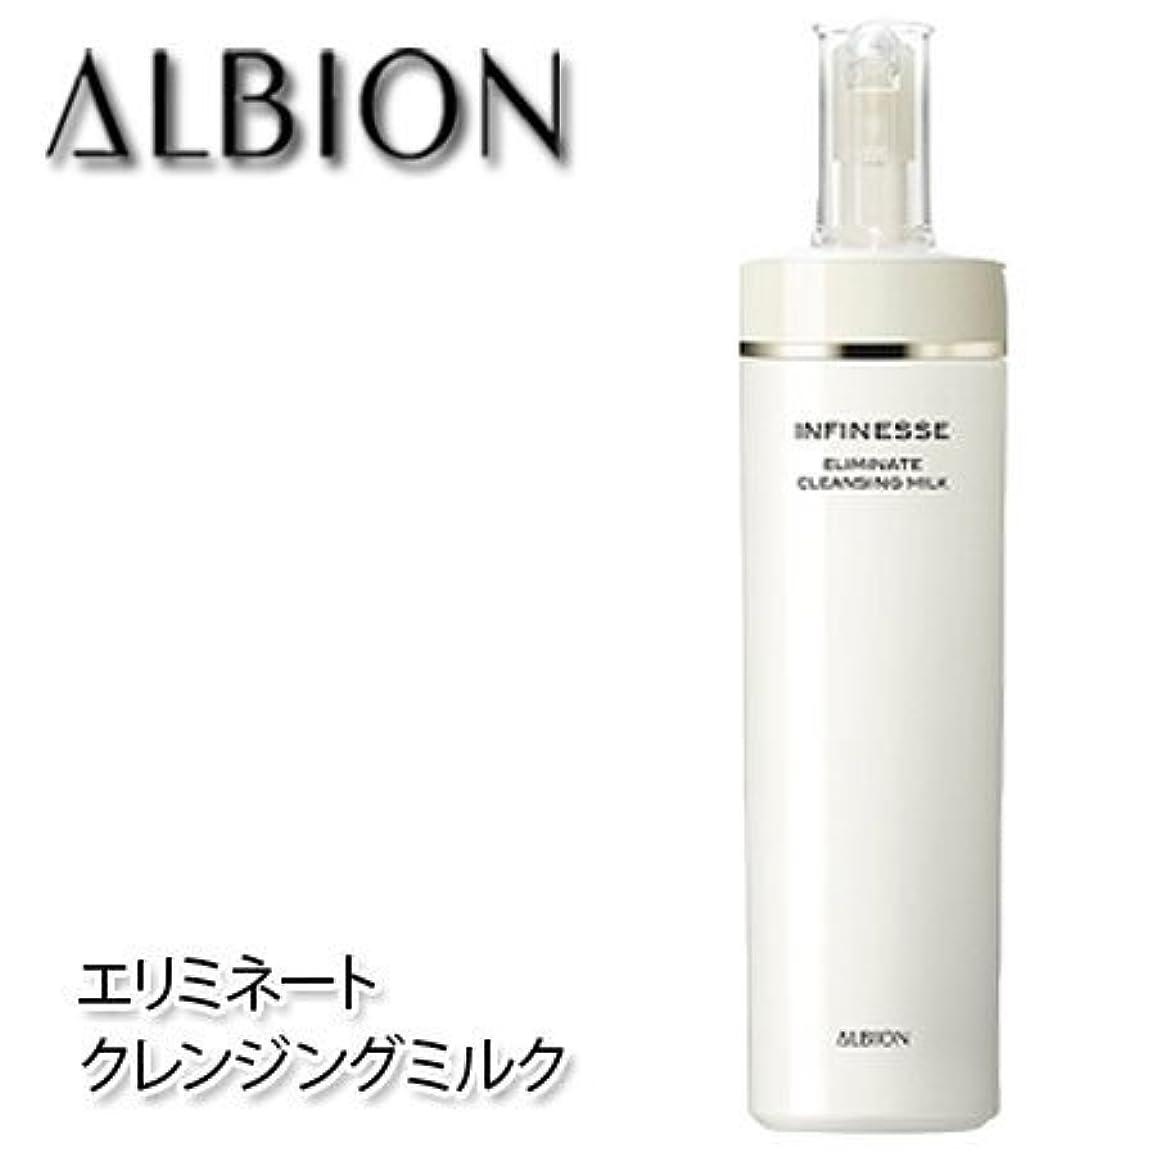 合図ラショナル成長アルビオン アンフィネス エリミネート クレンジングミルク 200g-ALBION-